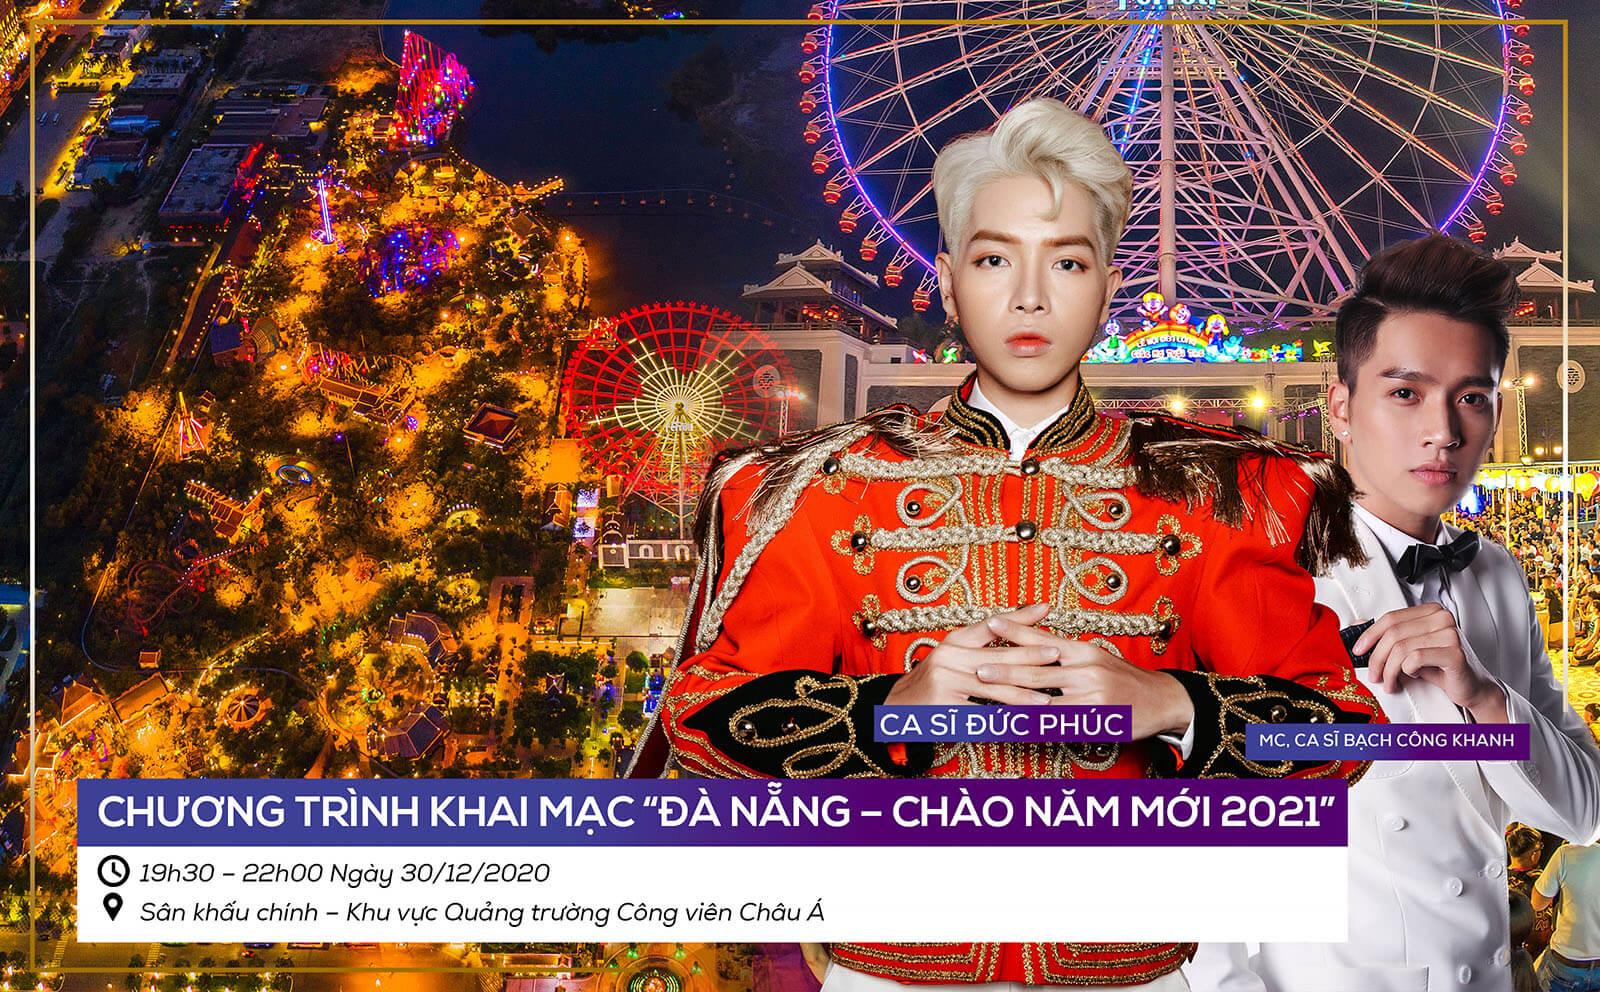 Le Hoi Da Nang Chao Nam Moi 2021 Le Khai Mac